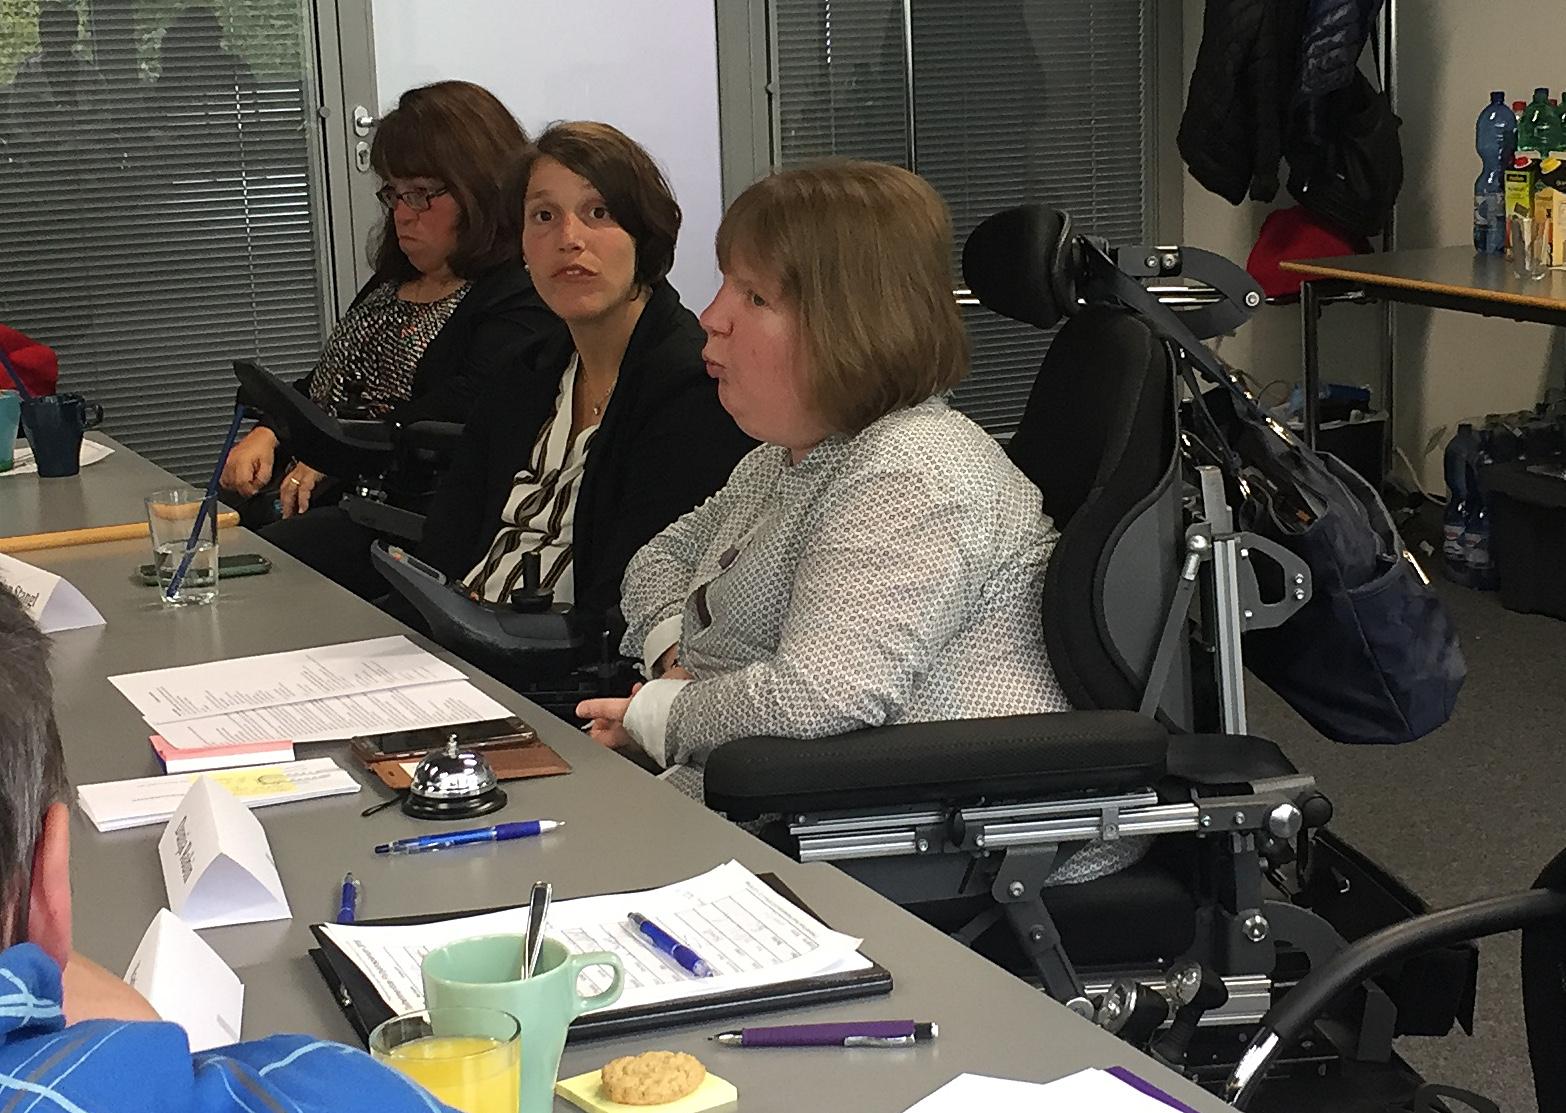 Büroteam der Netzwerkfrauen-Bayern. Von rechts nach links: Dunja Robin, Marion Stangl, Esther Junghanns